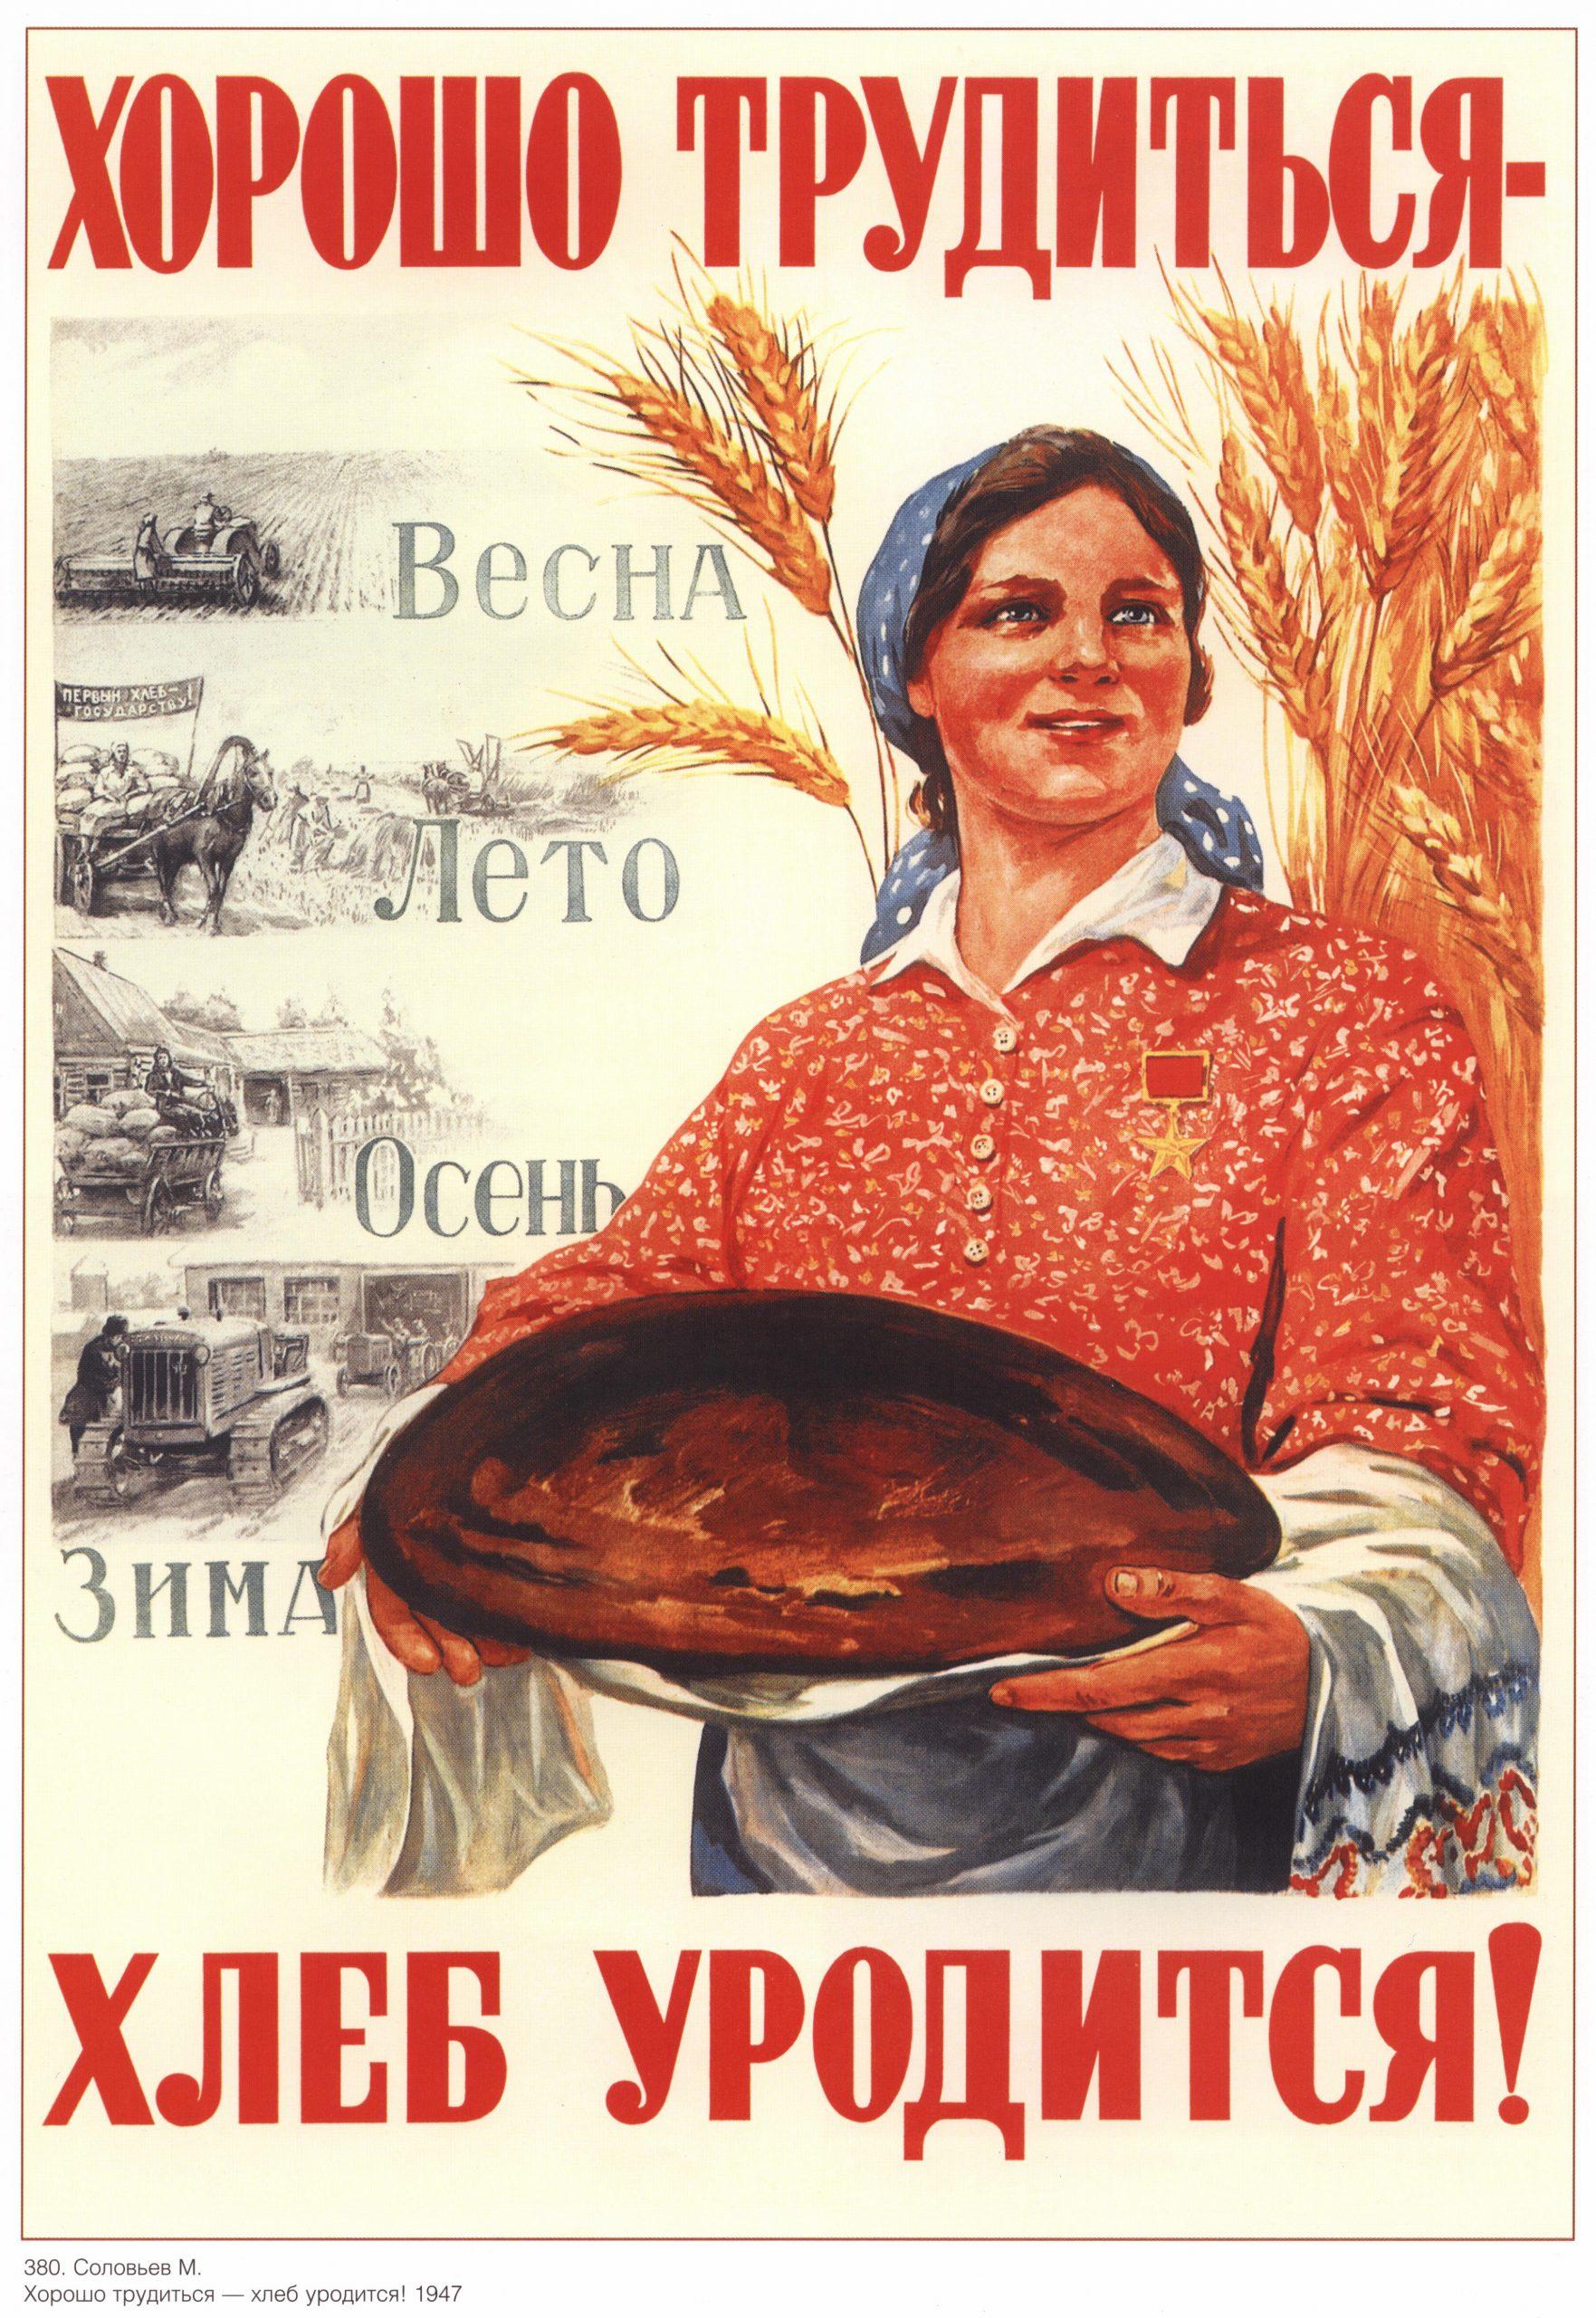 """Советский плакат """"Хорошо трудиться – хлеб уродится!"""""""